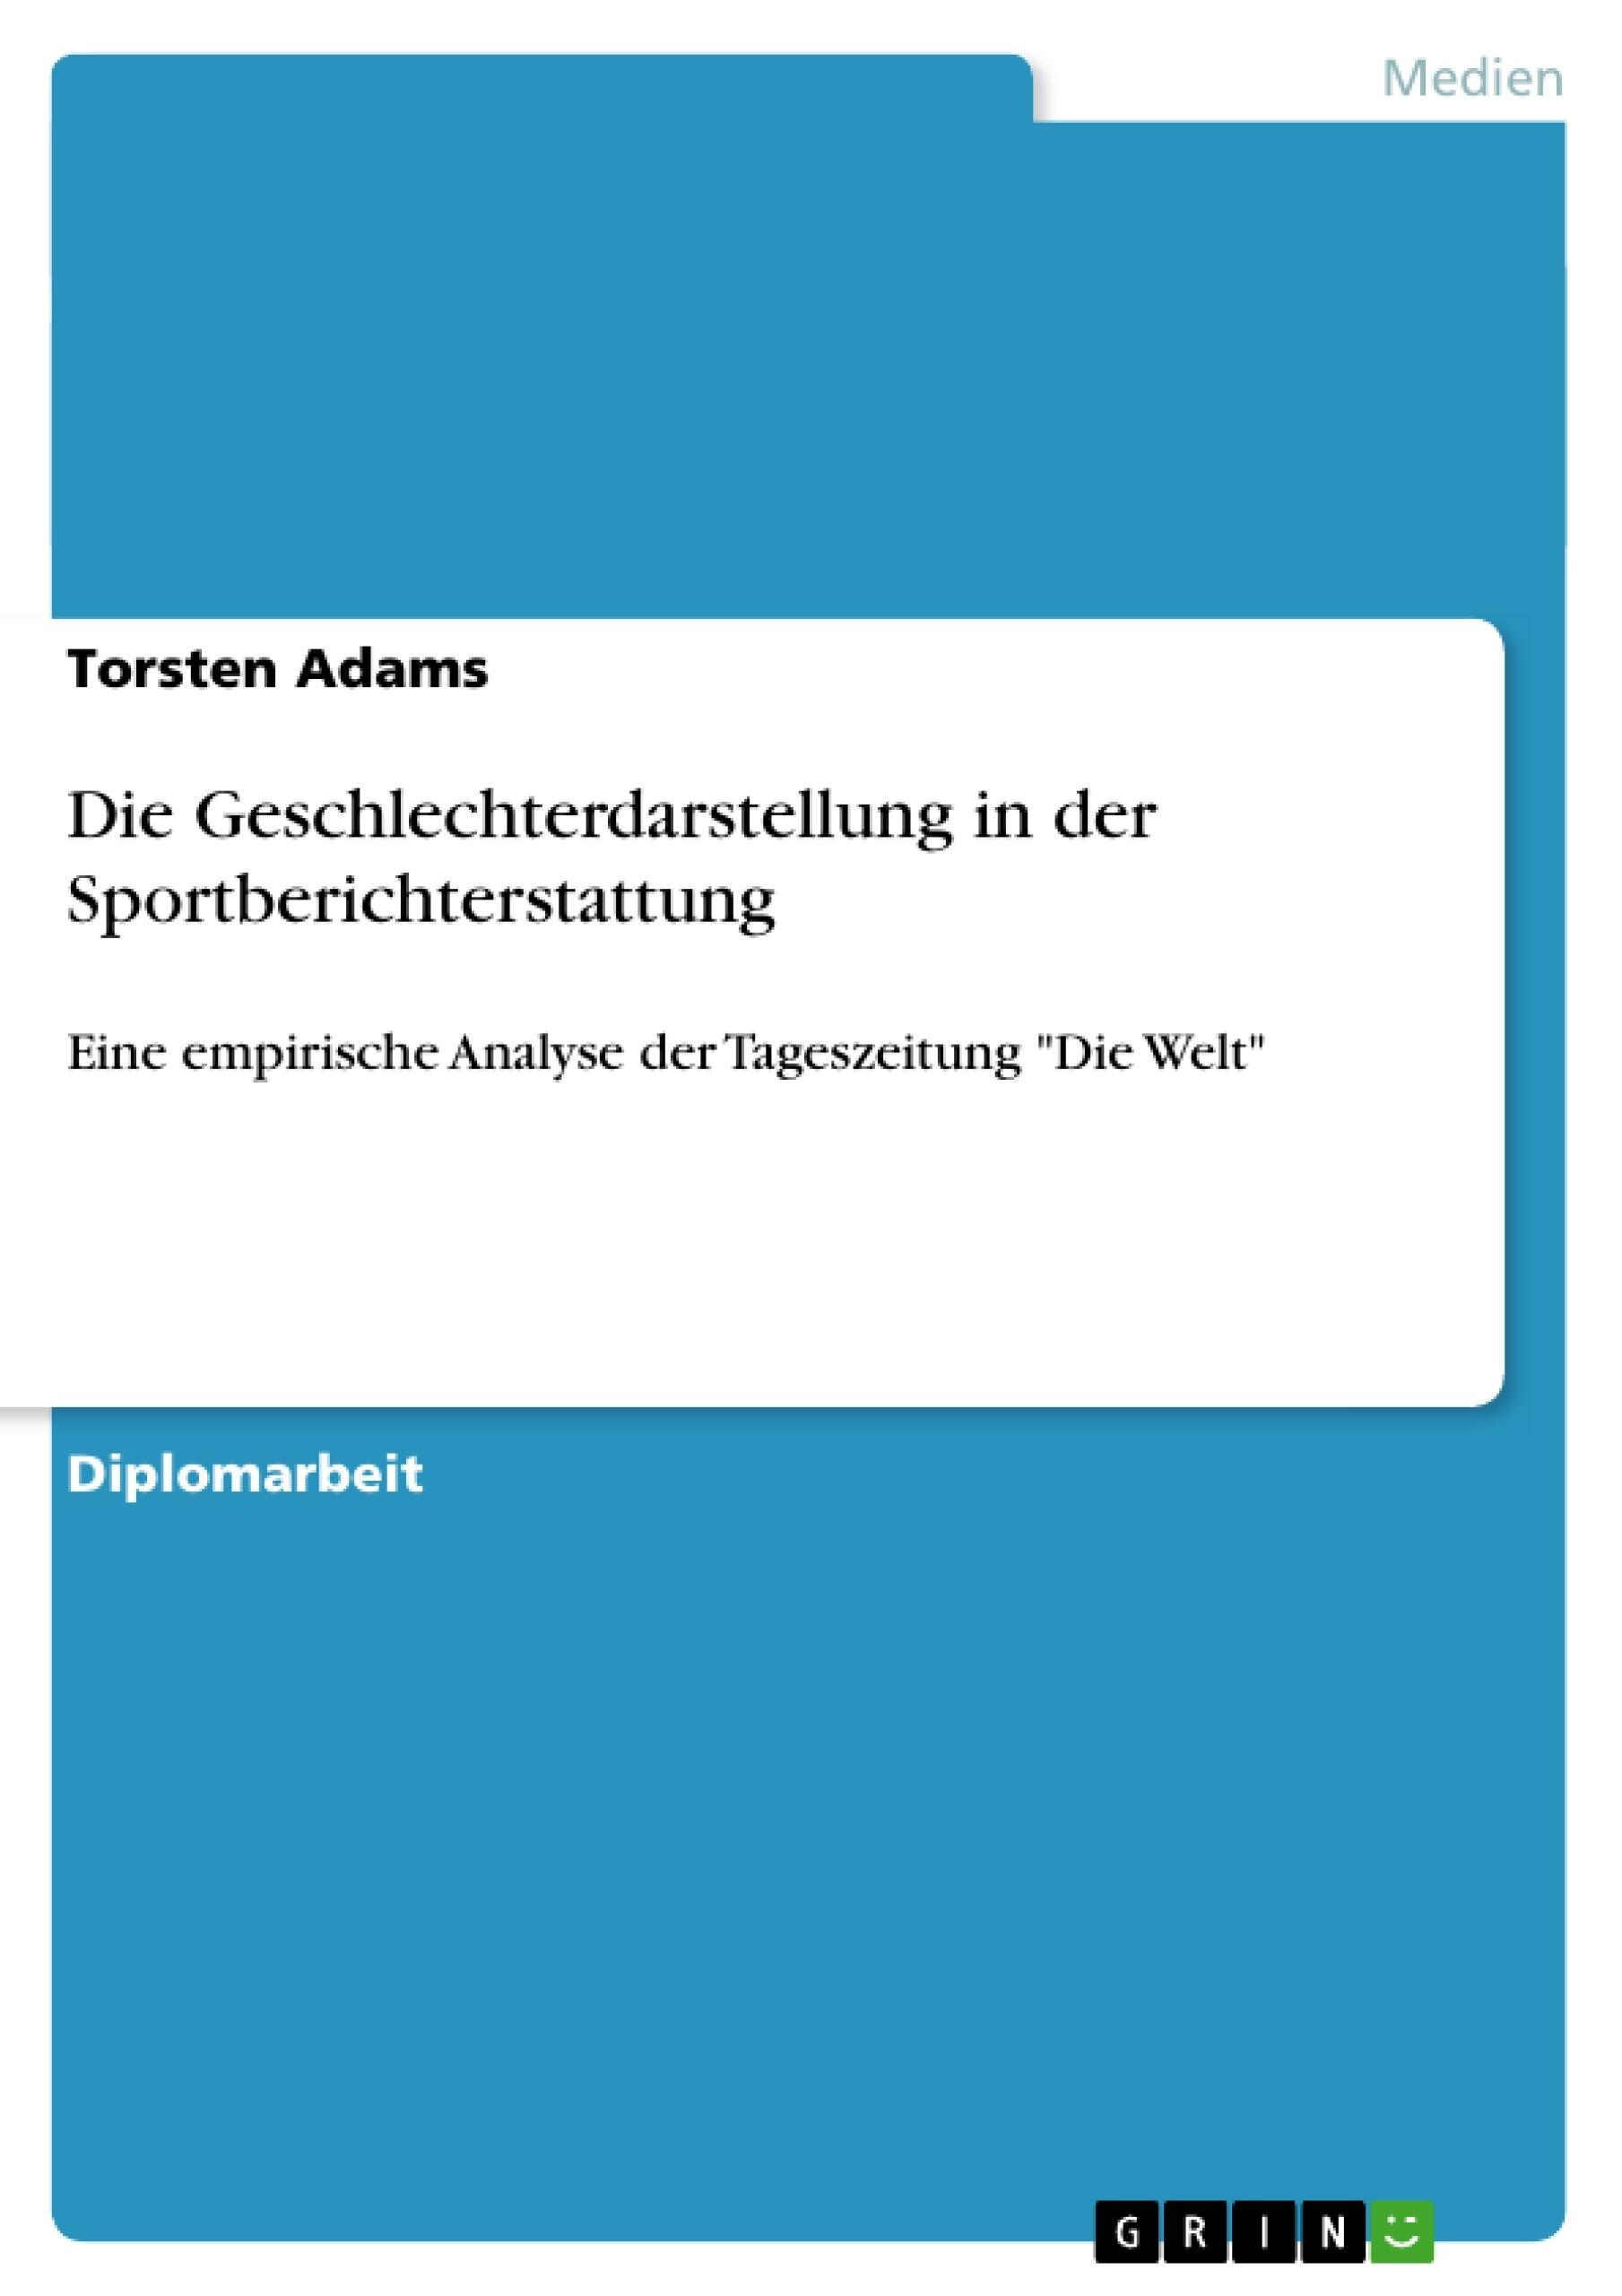 Titel: Die Geschlechterdarstellung in der Sportberichterstattung